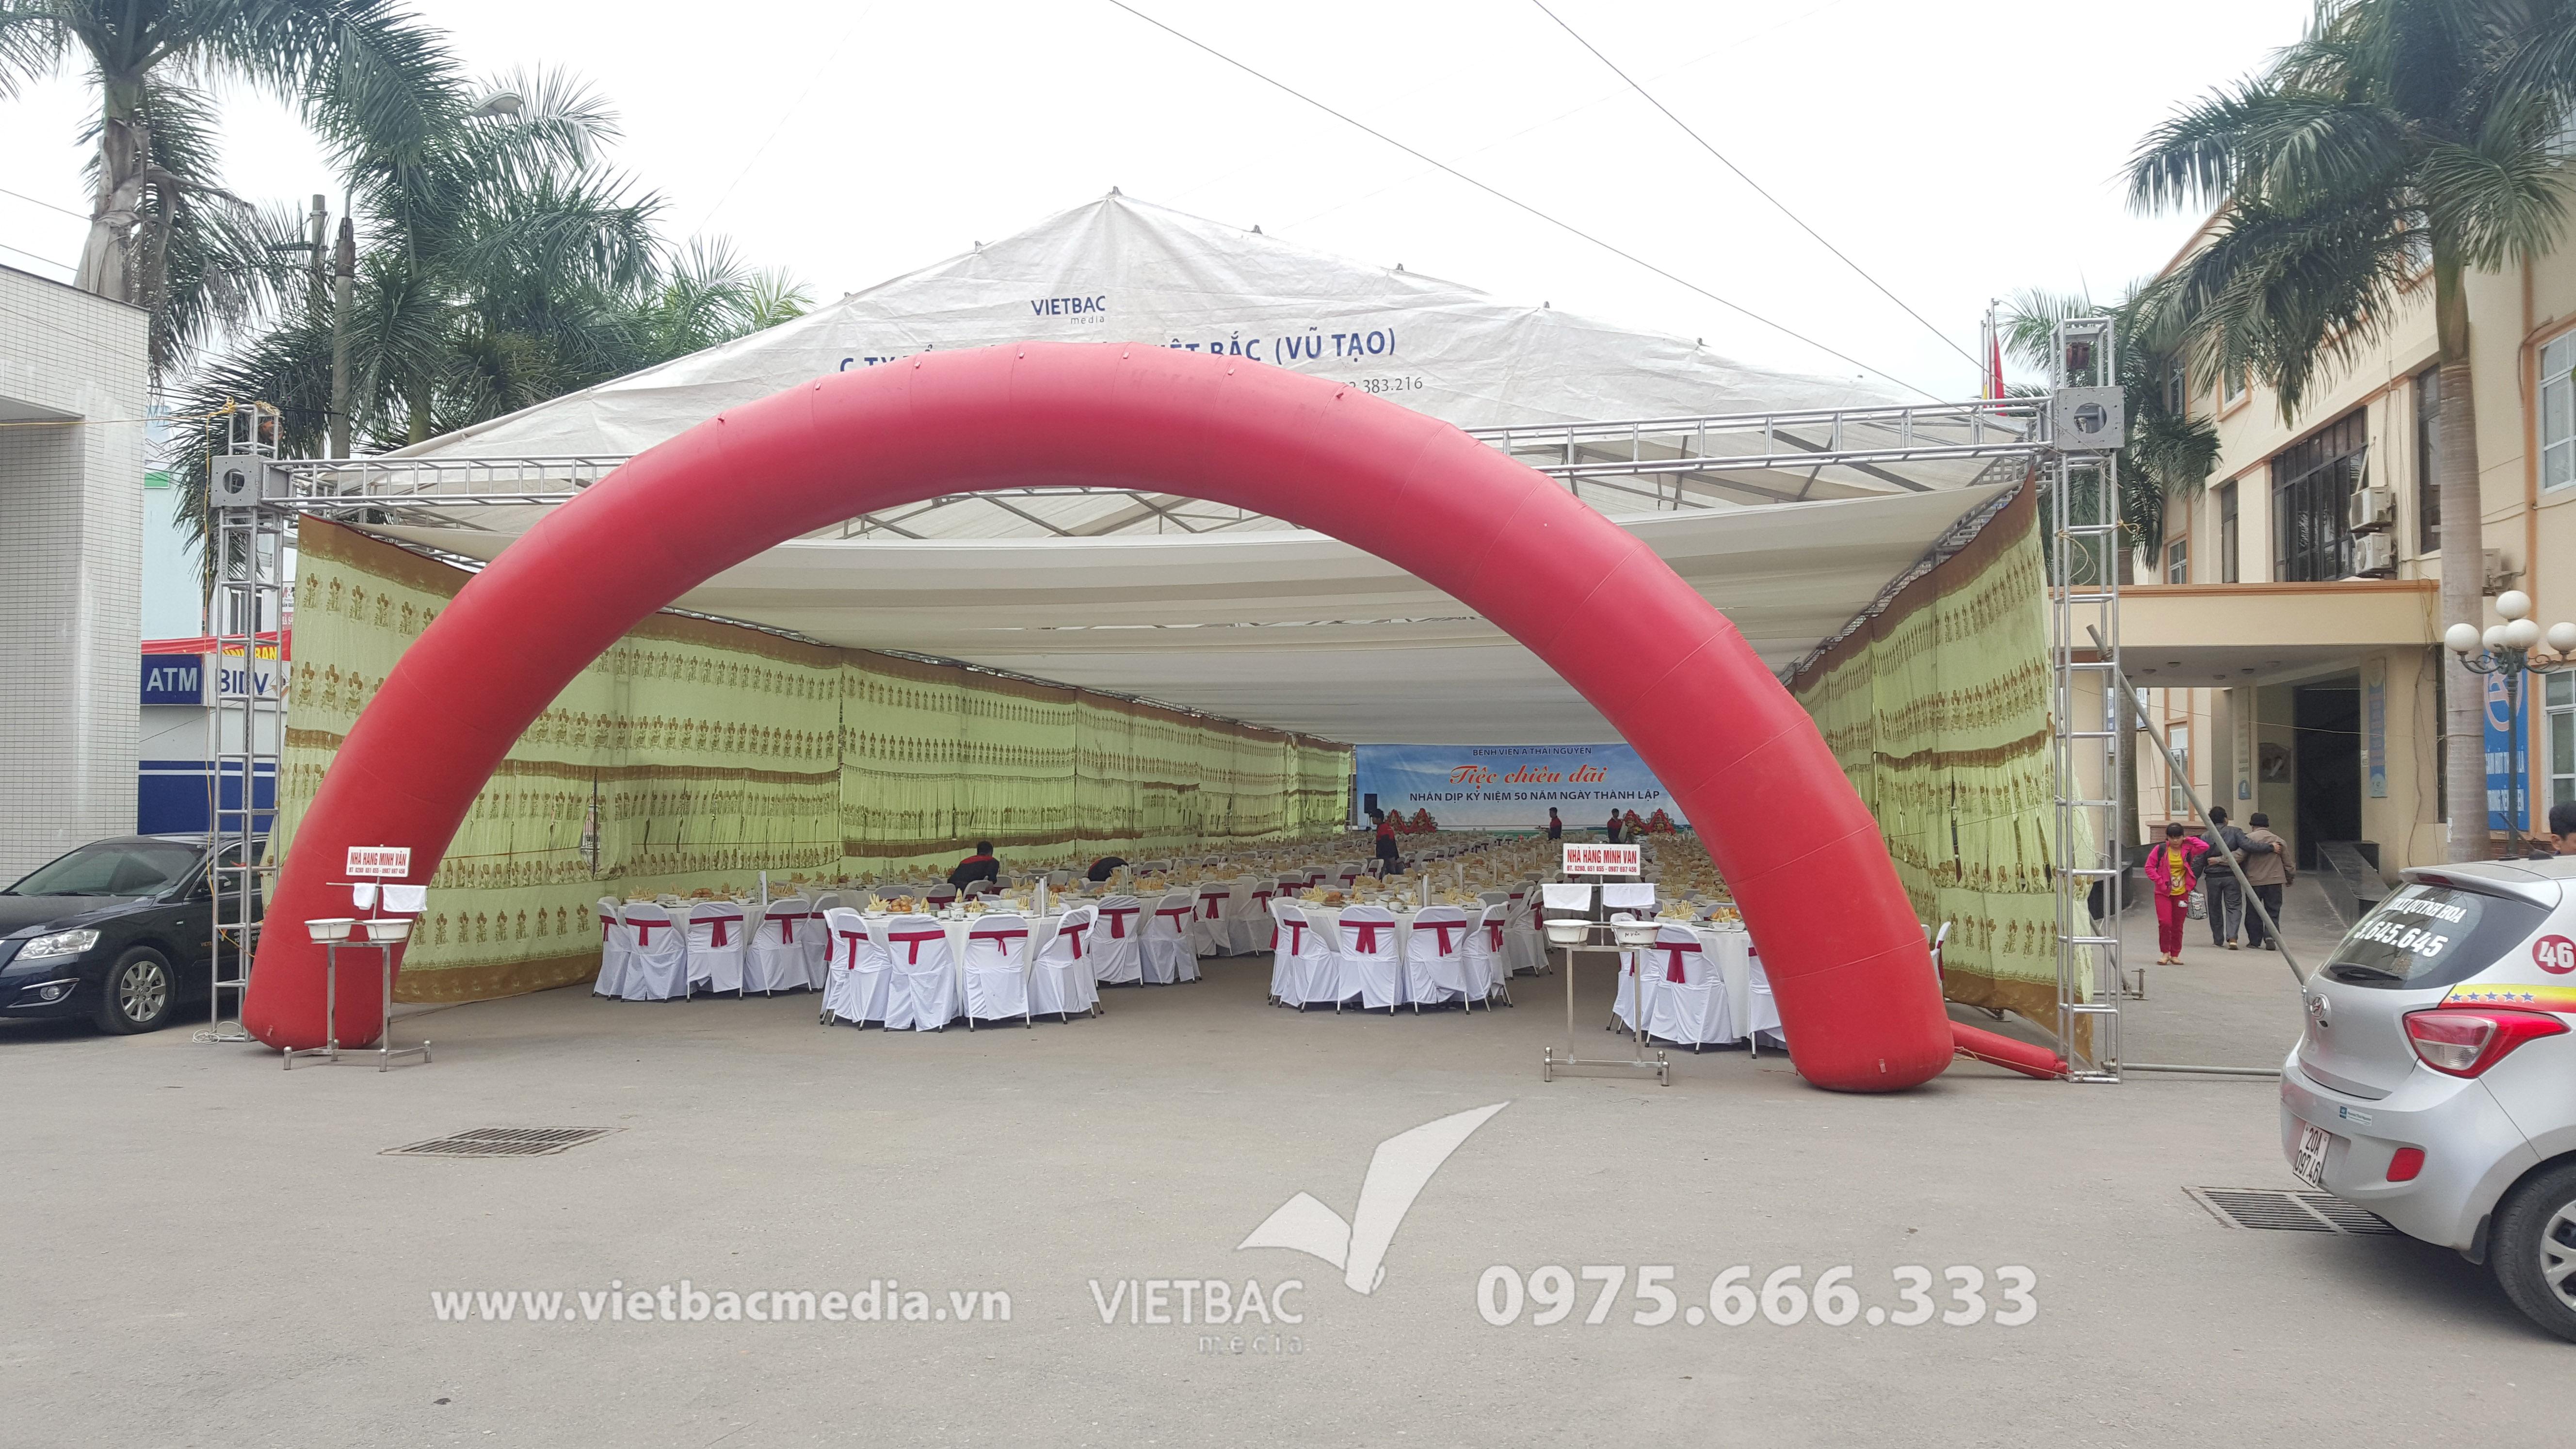 Tiệc chiêu đãi nhân dịp Kỷ niệm 50 năm thành lập Bệnh Viện A Thái Nguyên do Công ty Tổ chức Sự kiện Việt Bắc